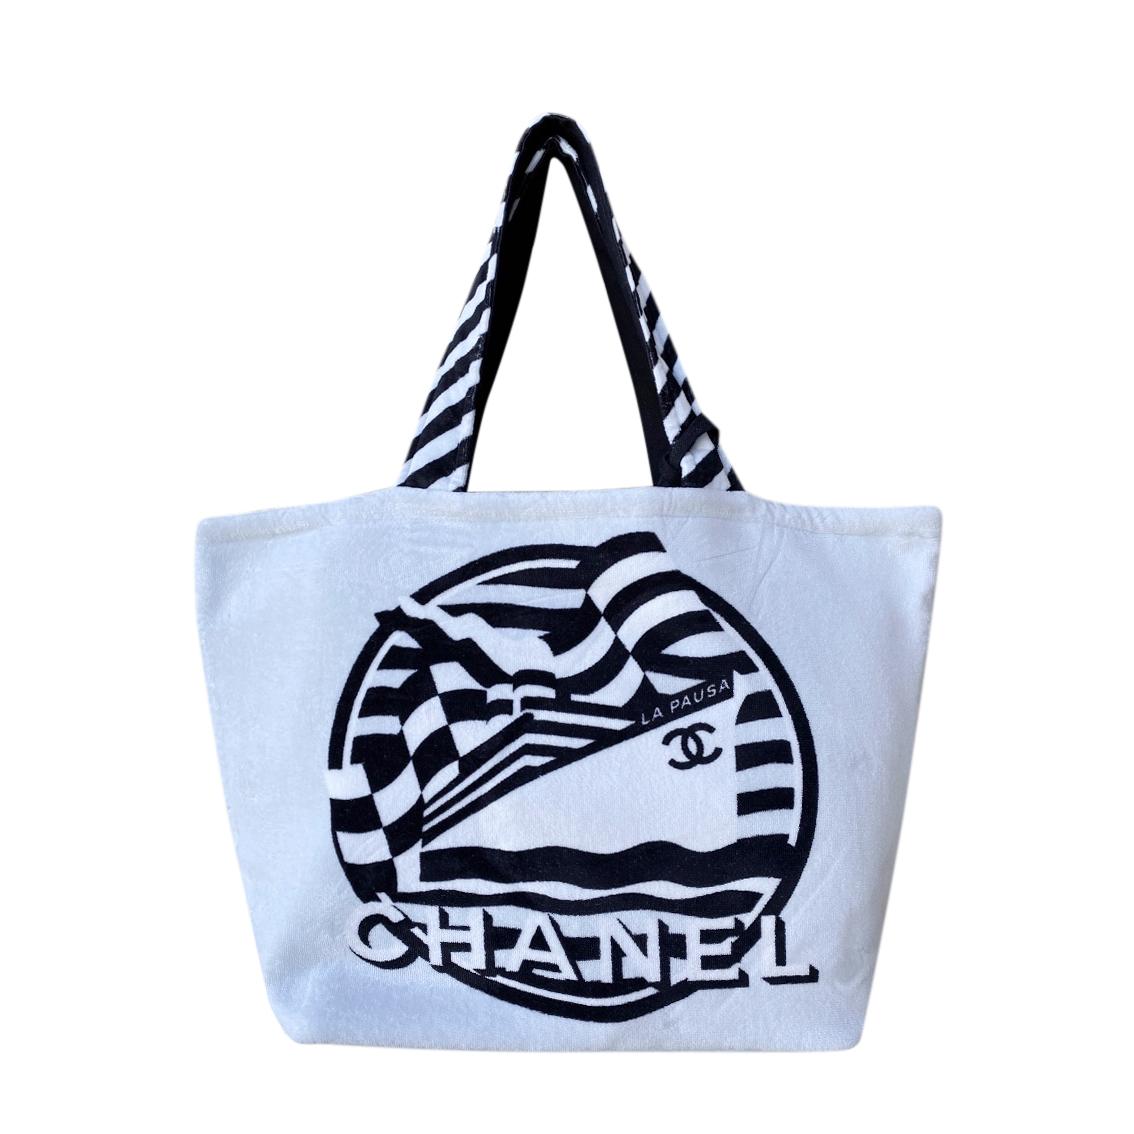 Chanel Printed Cotton Beach Bag & Purse